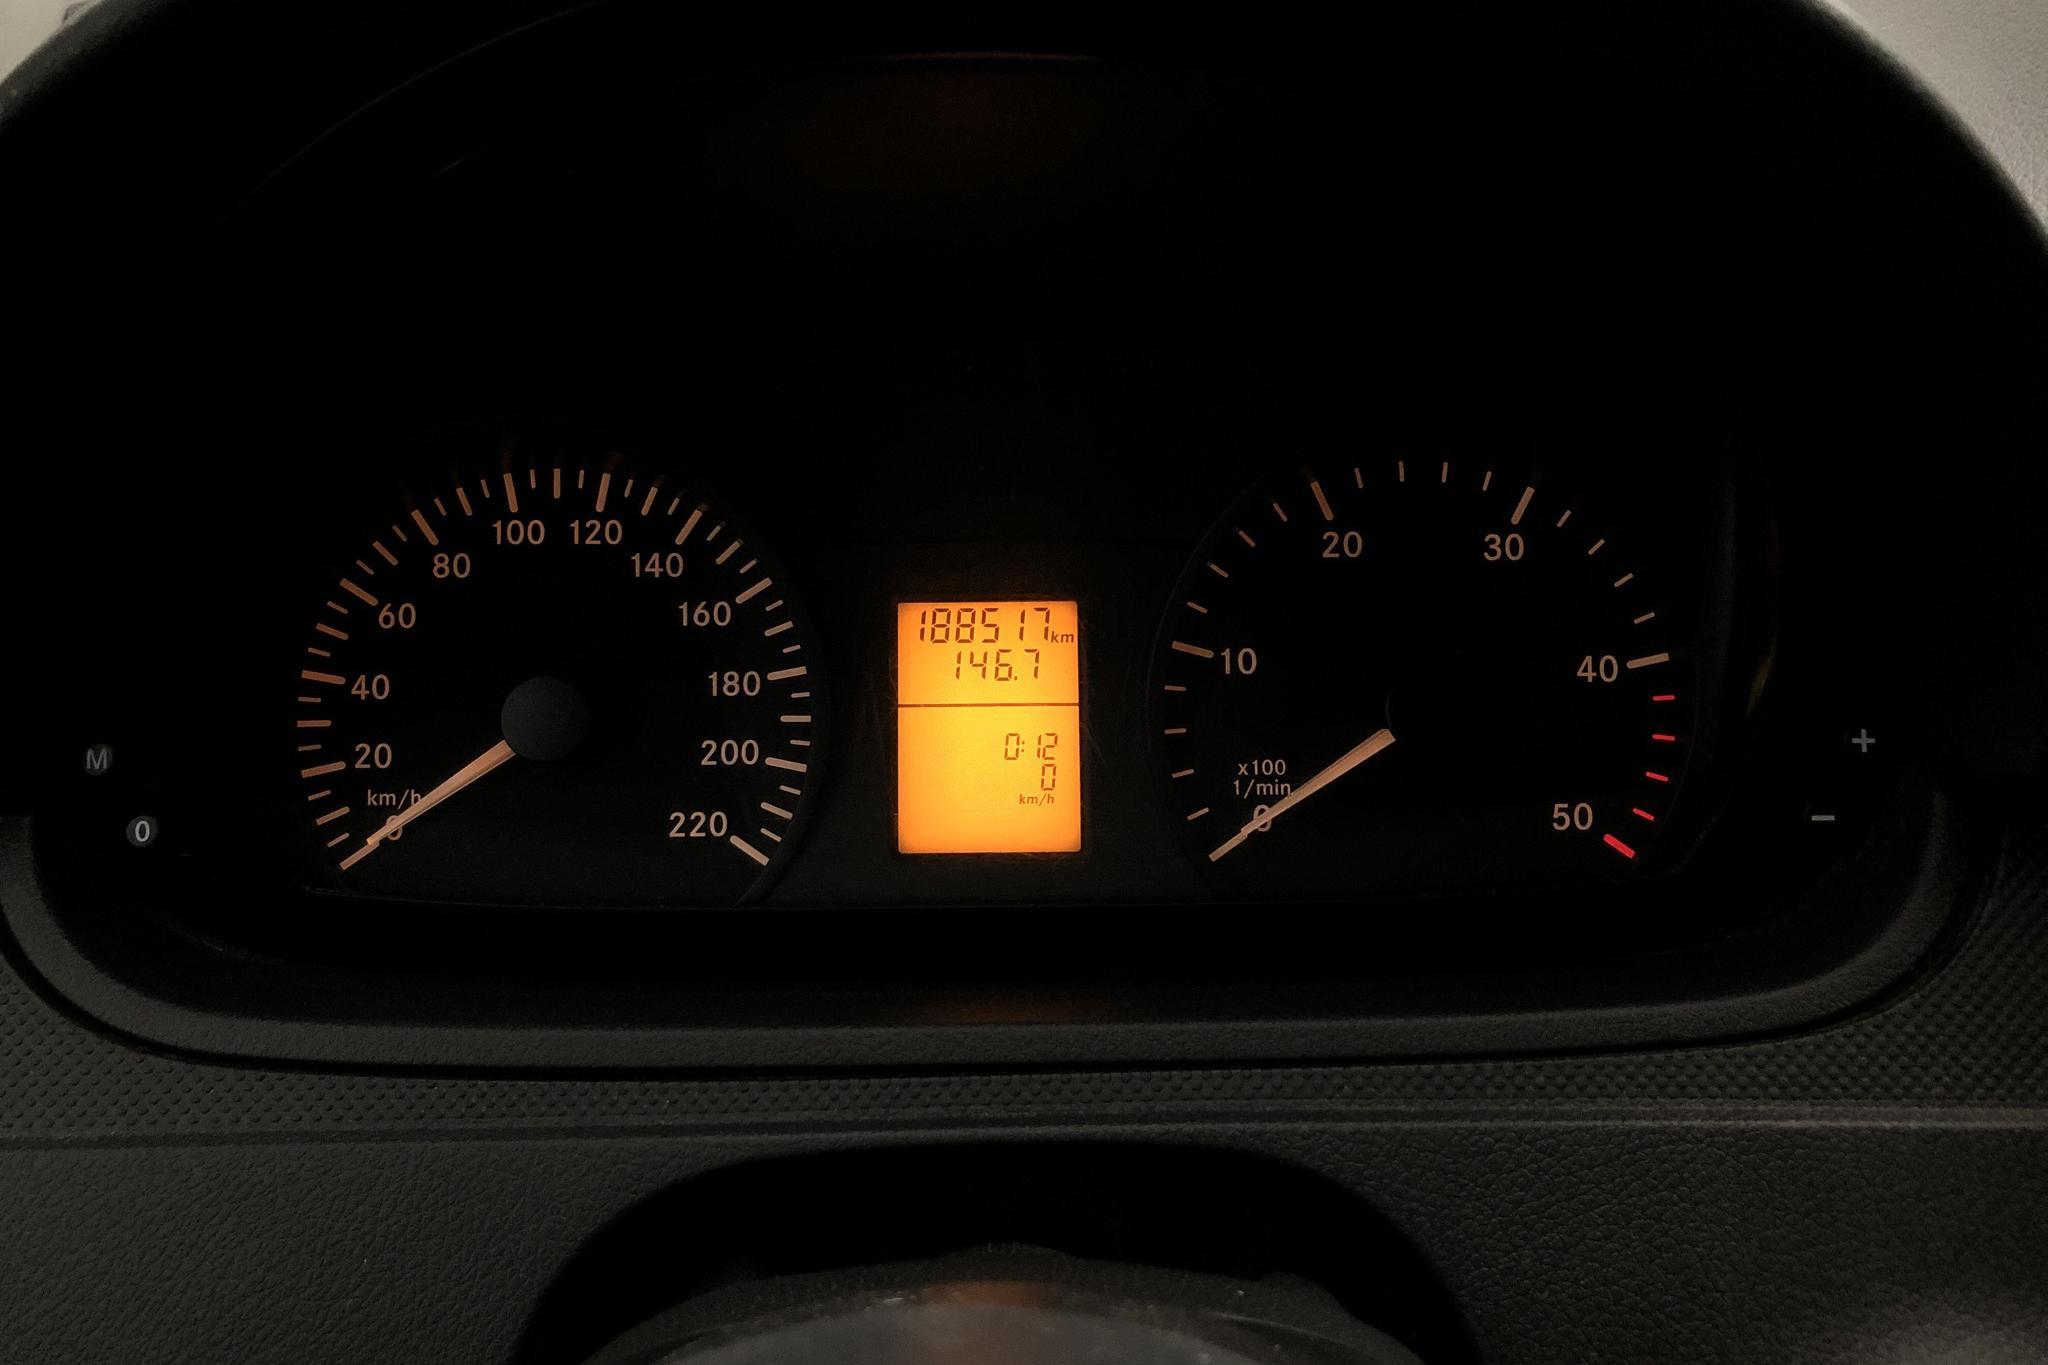 Mercedes Vito 113 CDI W639 (136hk) - 188 510 km - Automatic - white - 2012